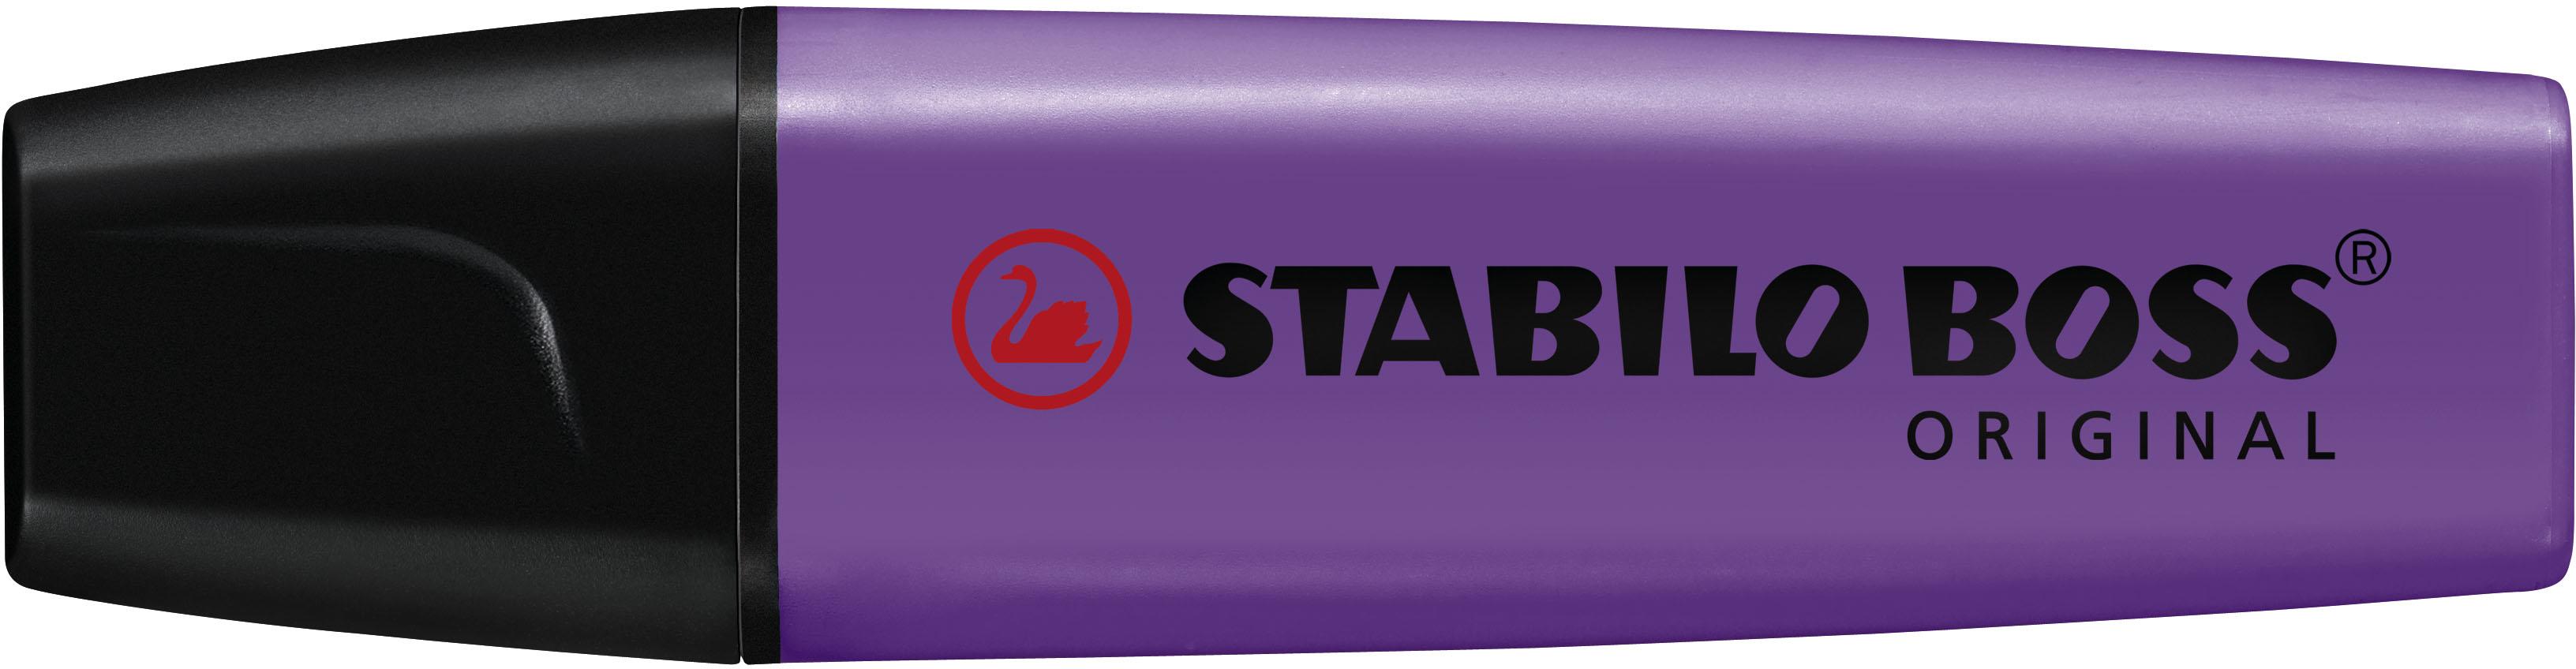 Stabilo Markeerstift Boss paars